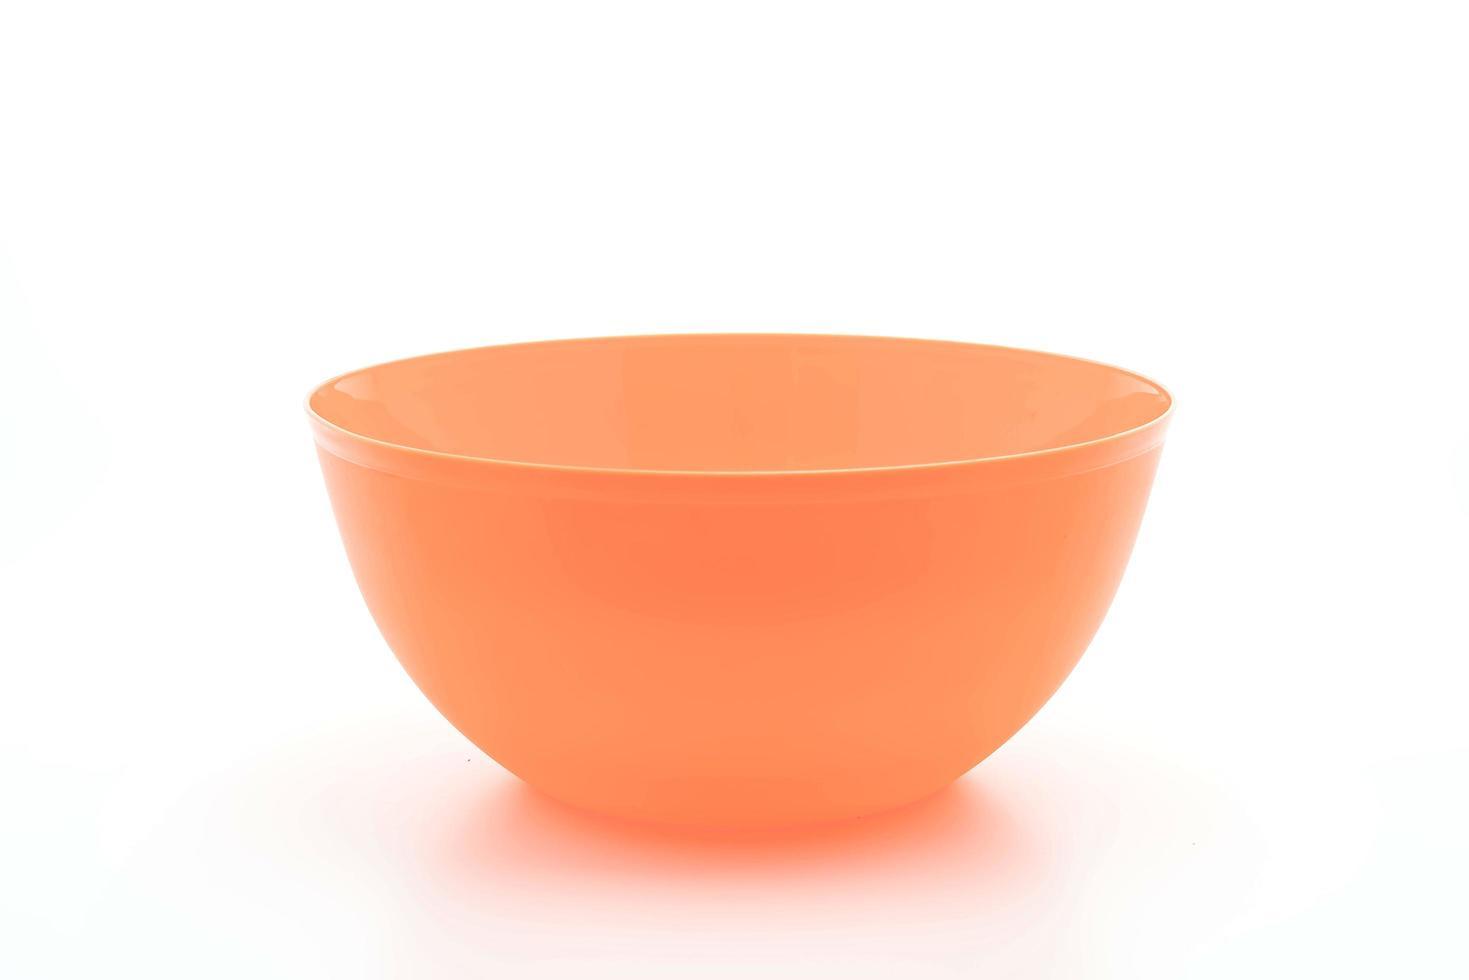 orange Plastikschüssel auf weißem Hintergrund white foto